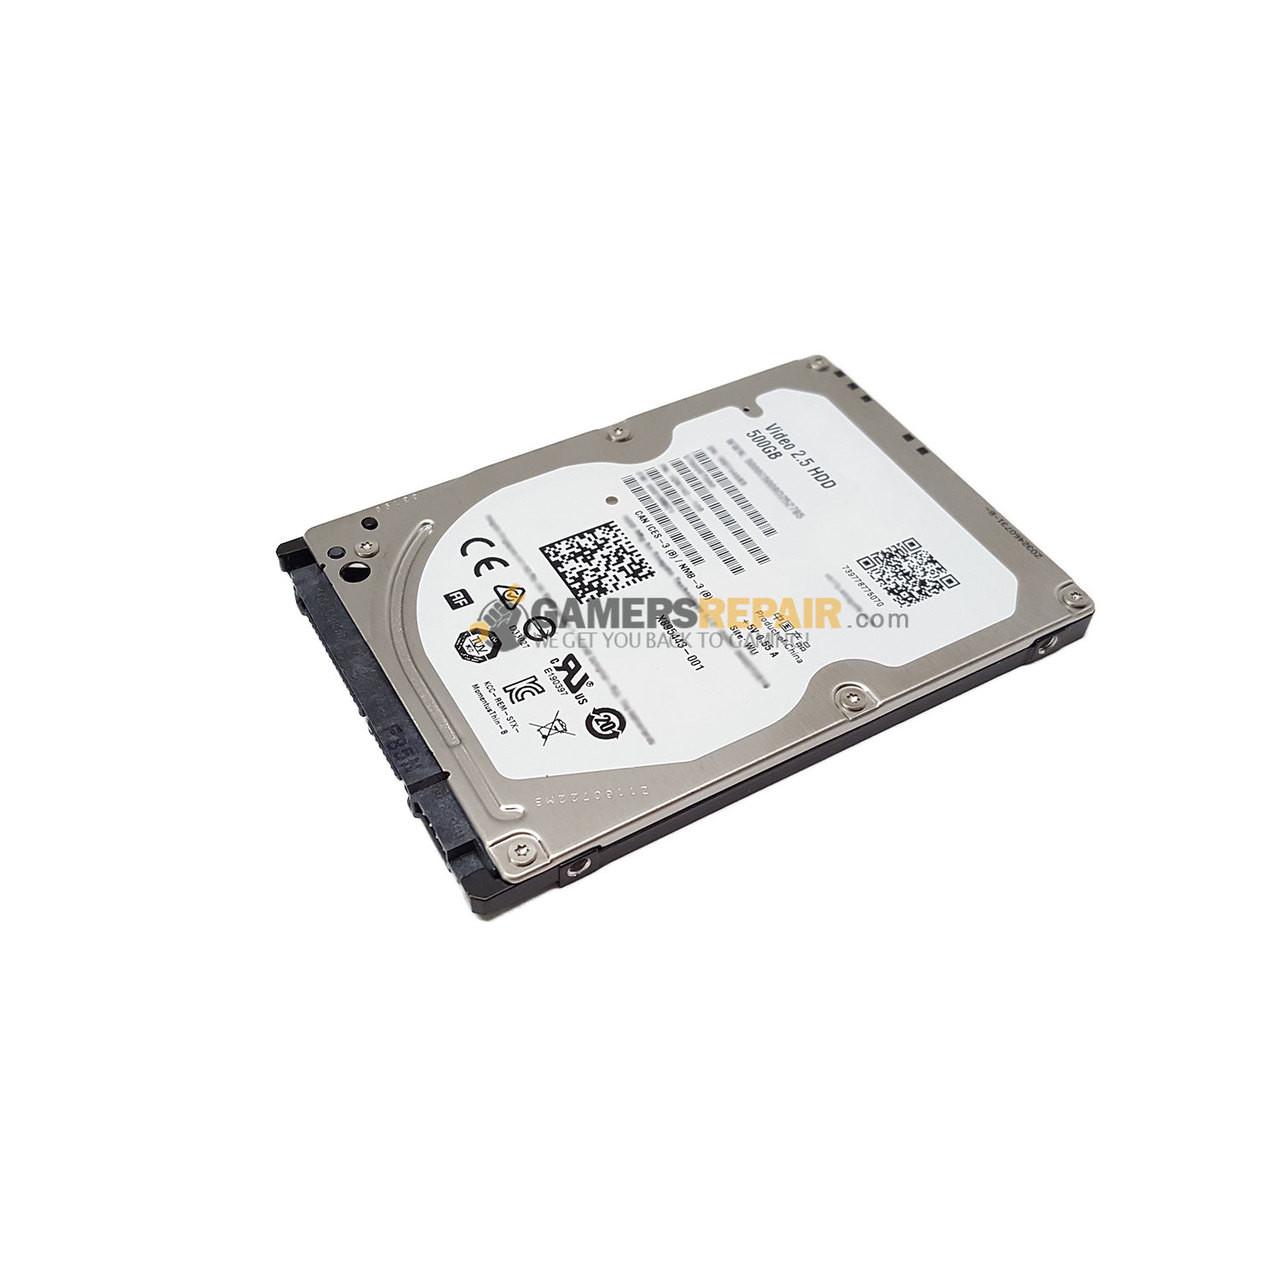 Xbox® one hard drive and storage hub.